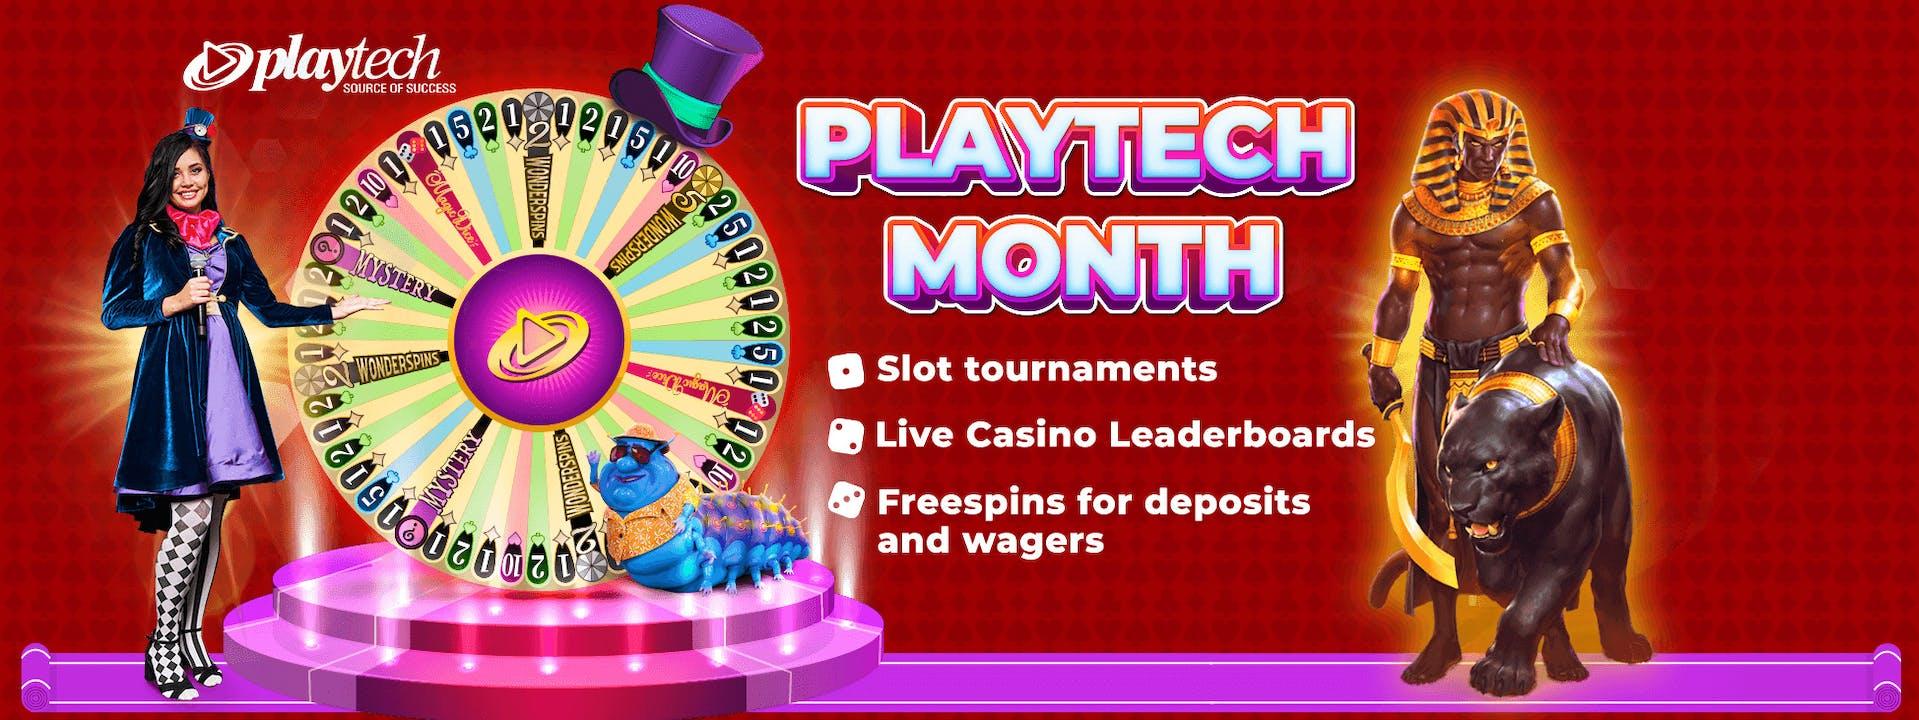 Playtech Month